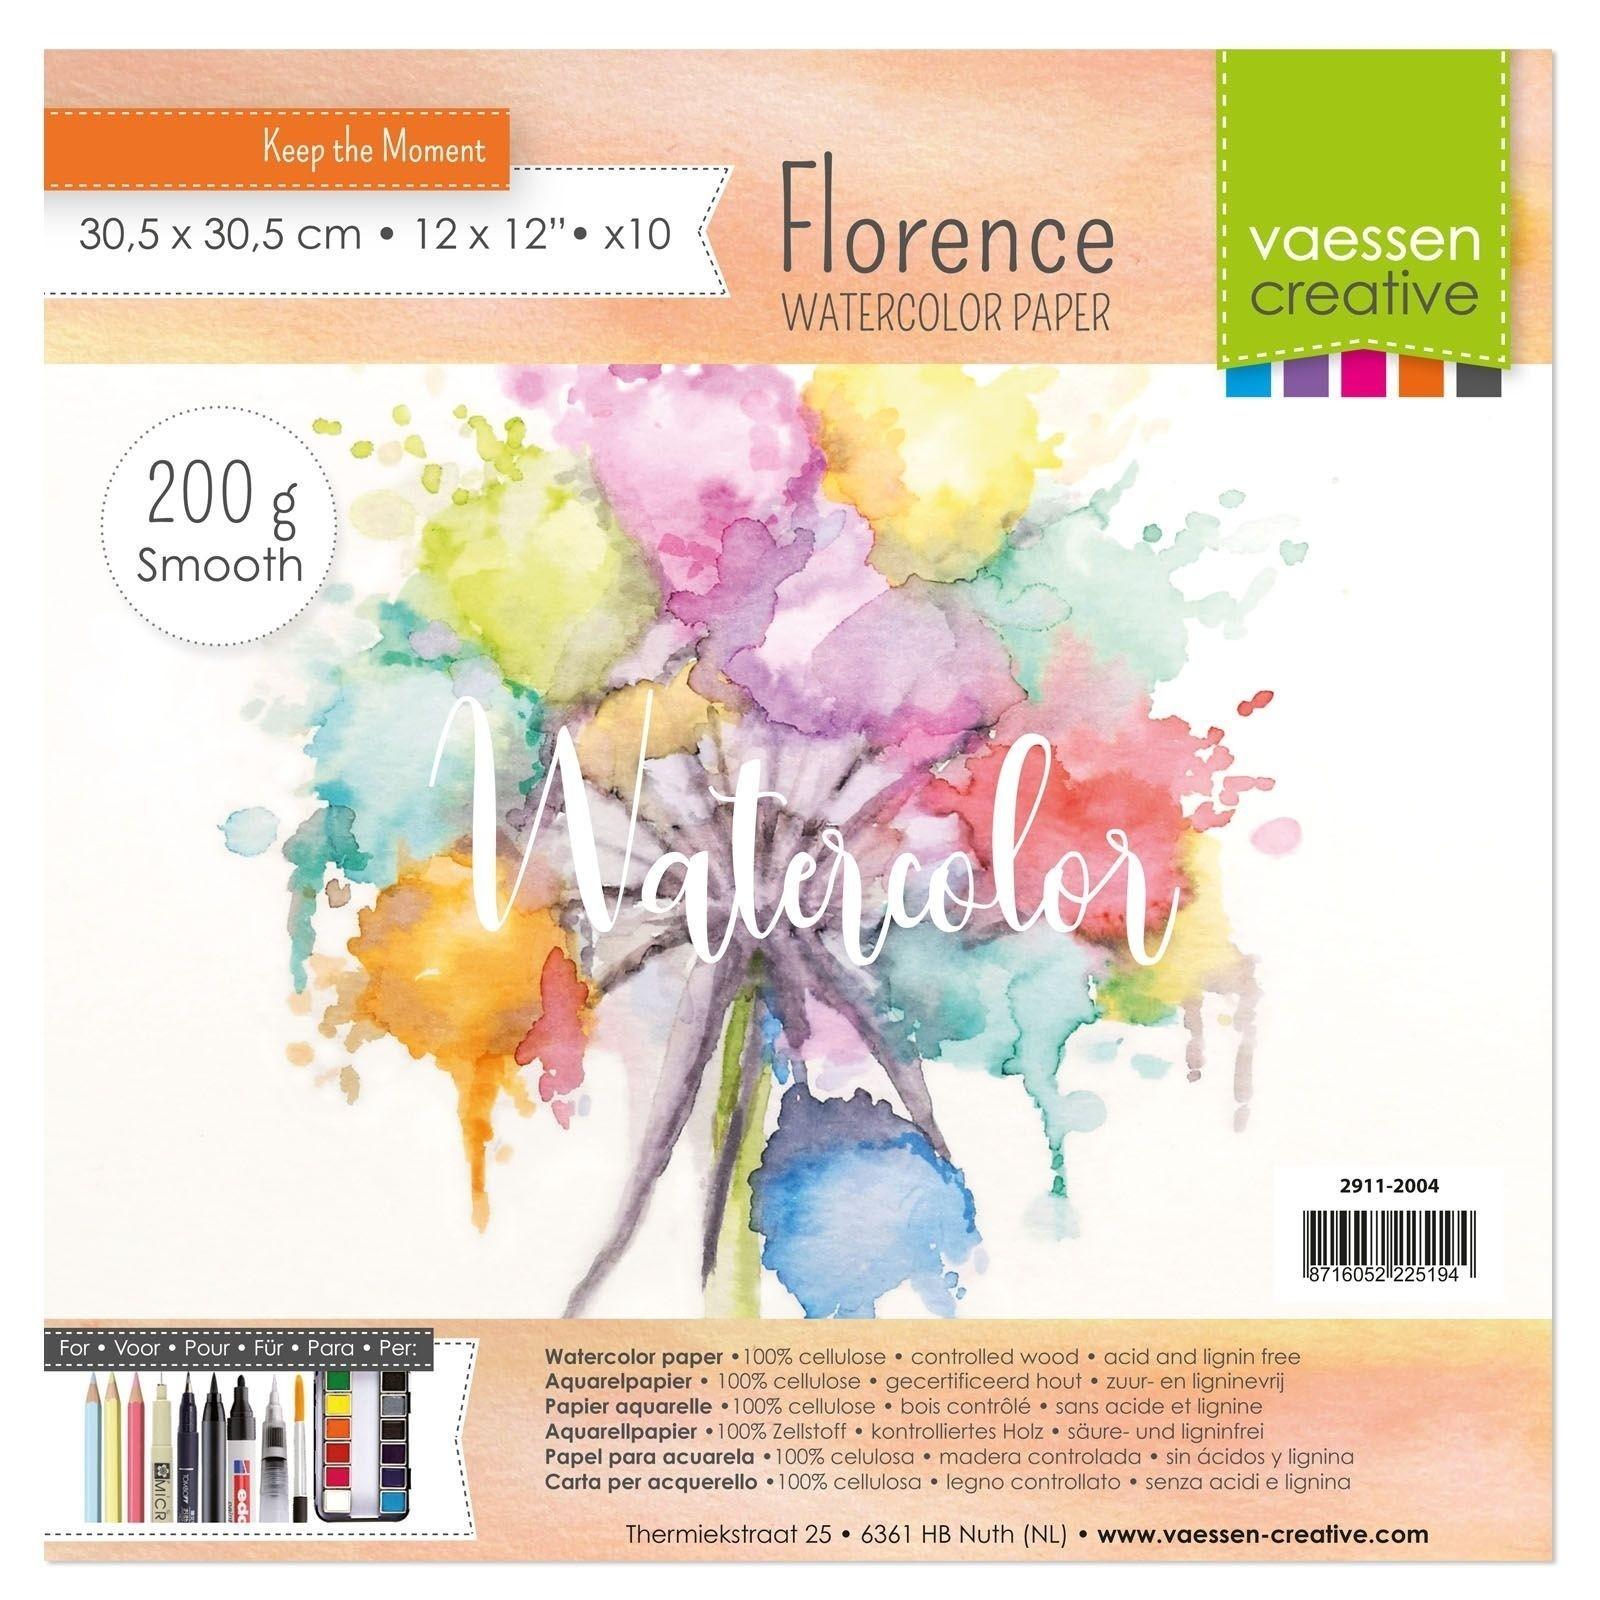 Florence - 12x12-es akvarell papír szett 200g - 10 db (smooth)